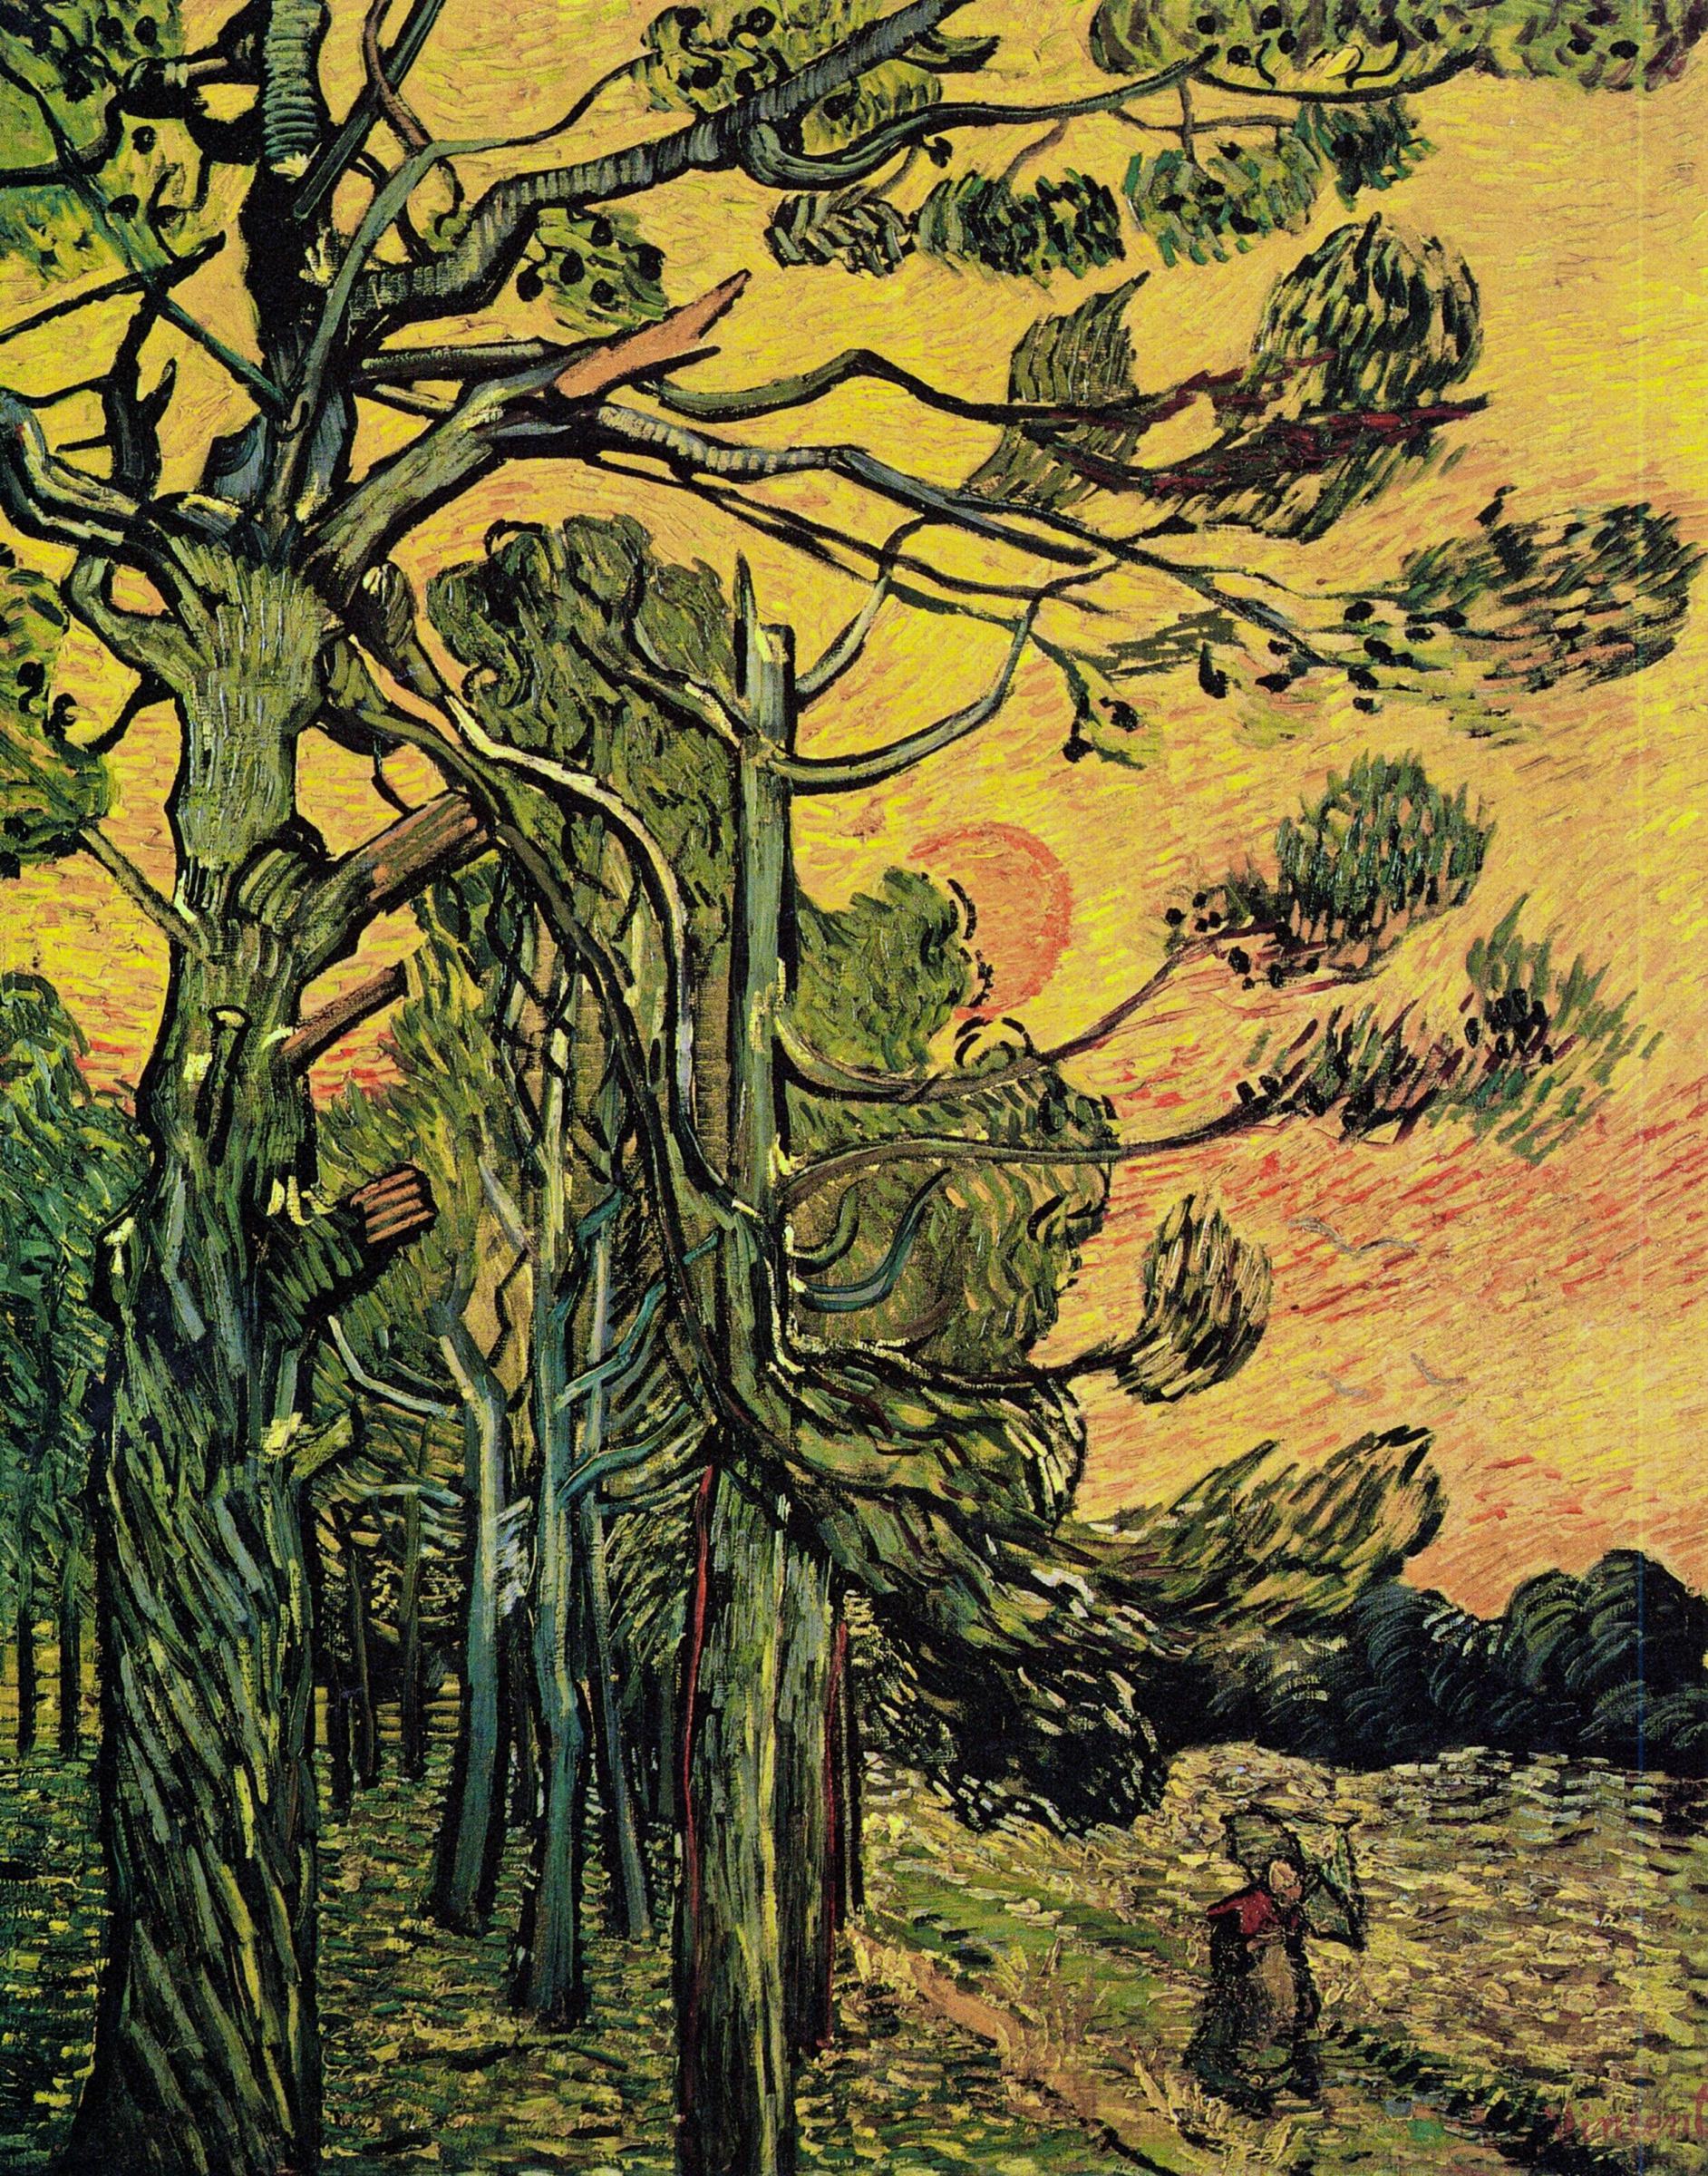 Винсент Ван Гог. Сосны на фоне оранжевого неба с заходящим солнцем